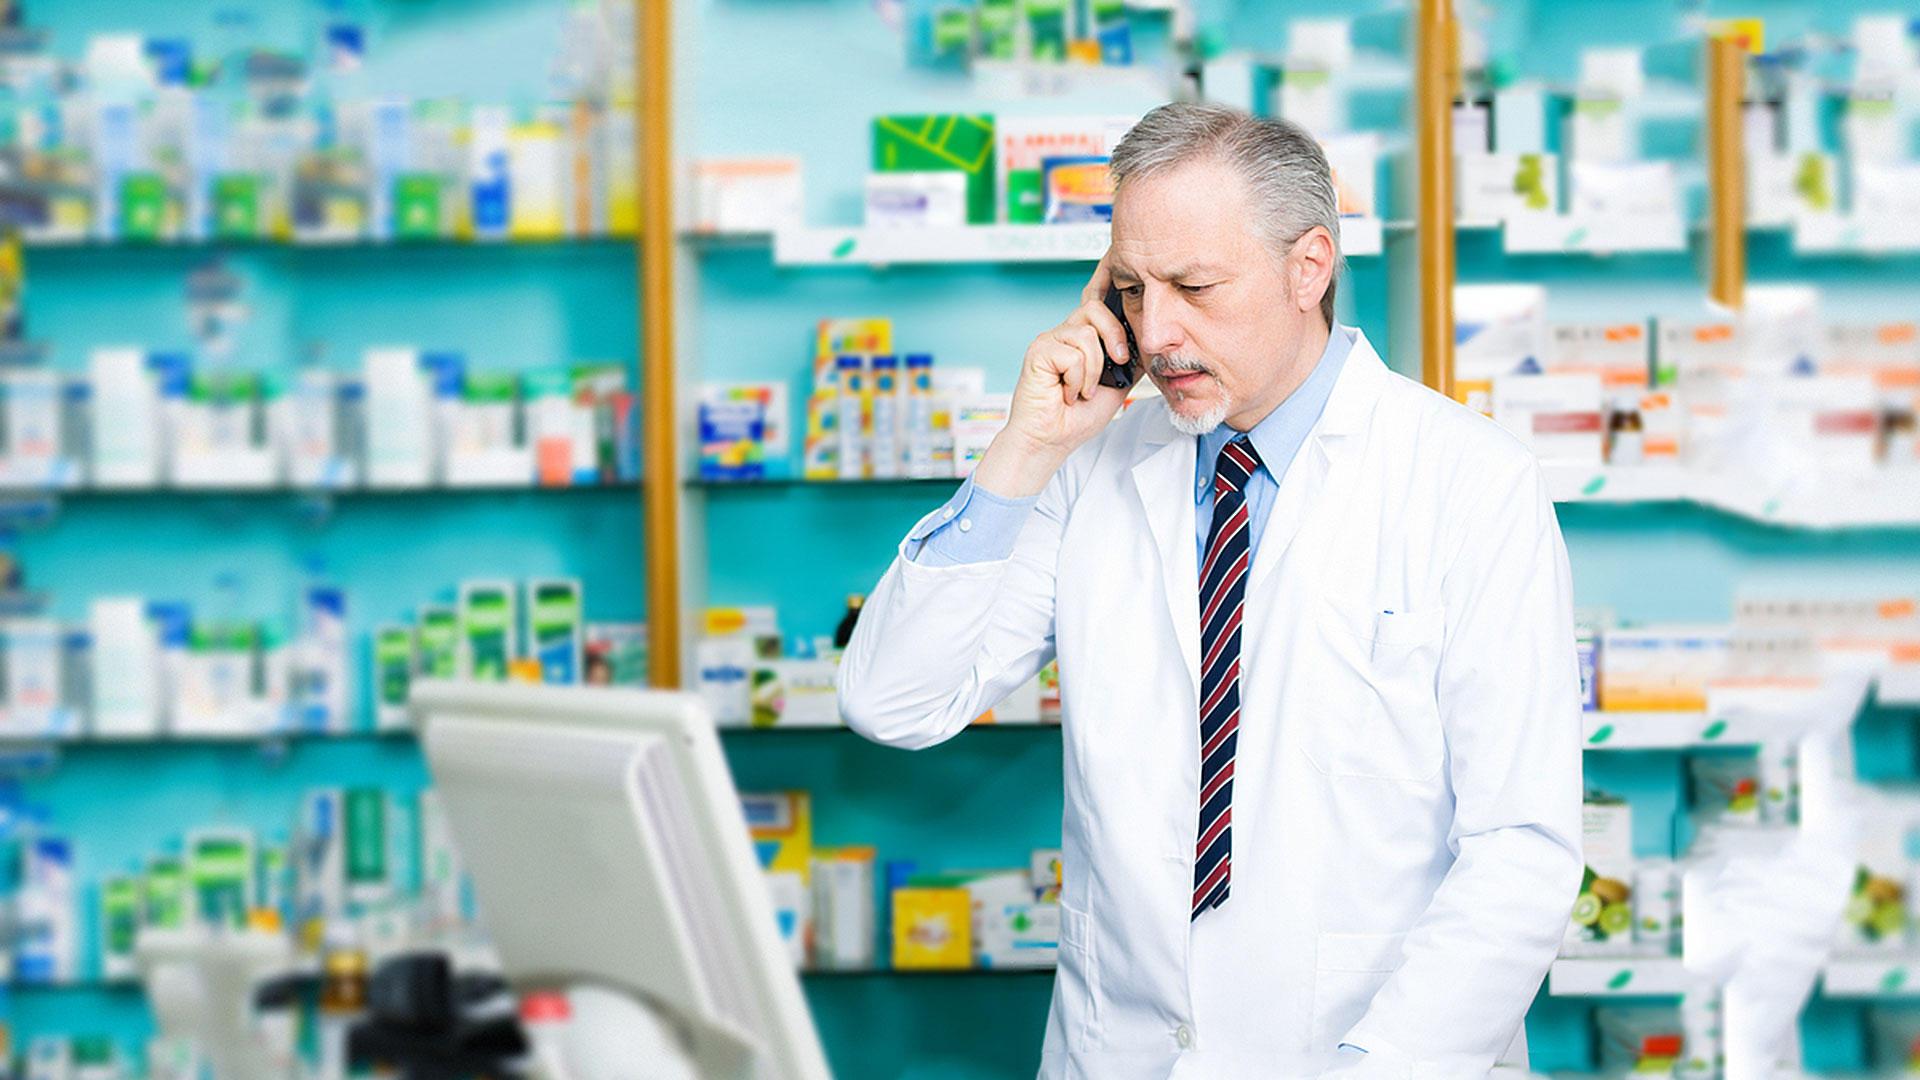 Levitra generico 10 mg prezzo in farmacia